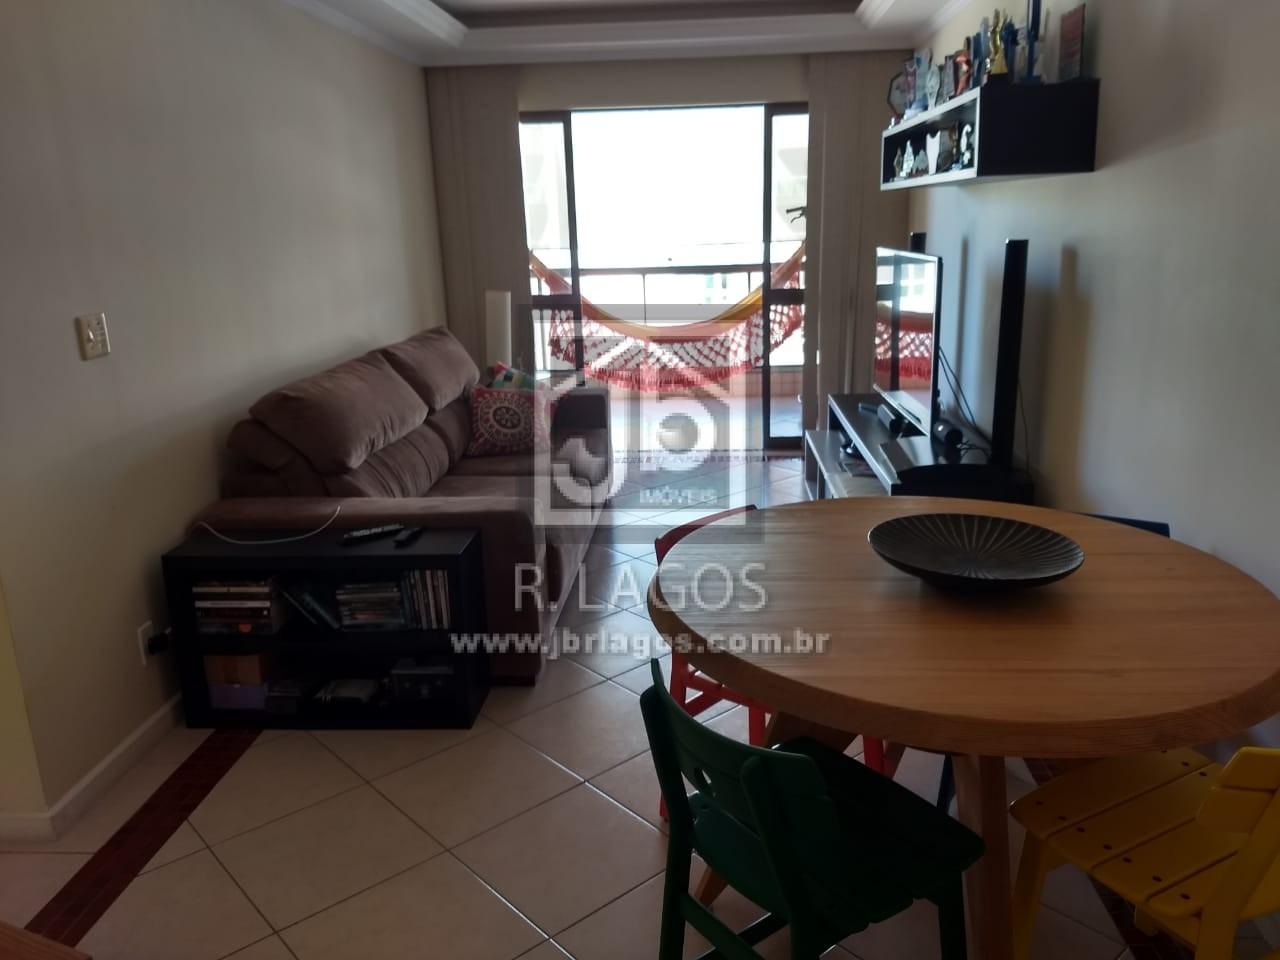 Maravilhoso apartamento a 50 m da Praia do Forte, perto do Centro, amplo comercio e condução na porta